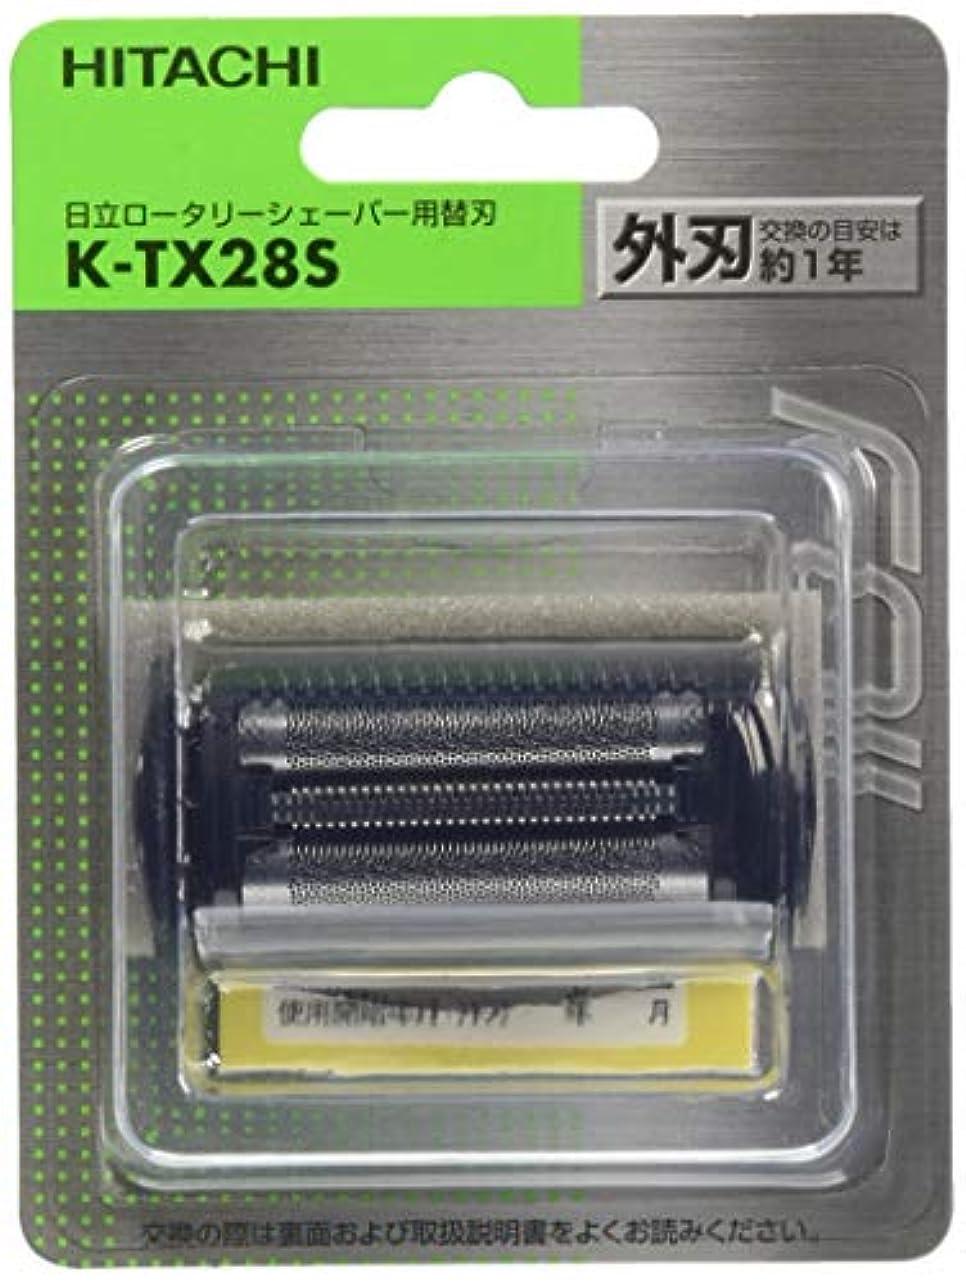 カフェテリア形否定する日立 替刃 外刃 K-TX28S